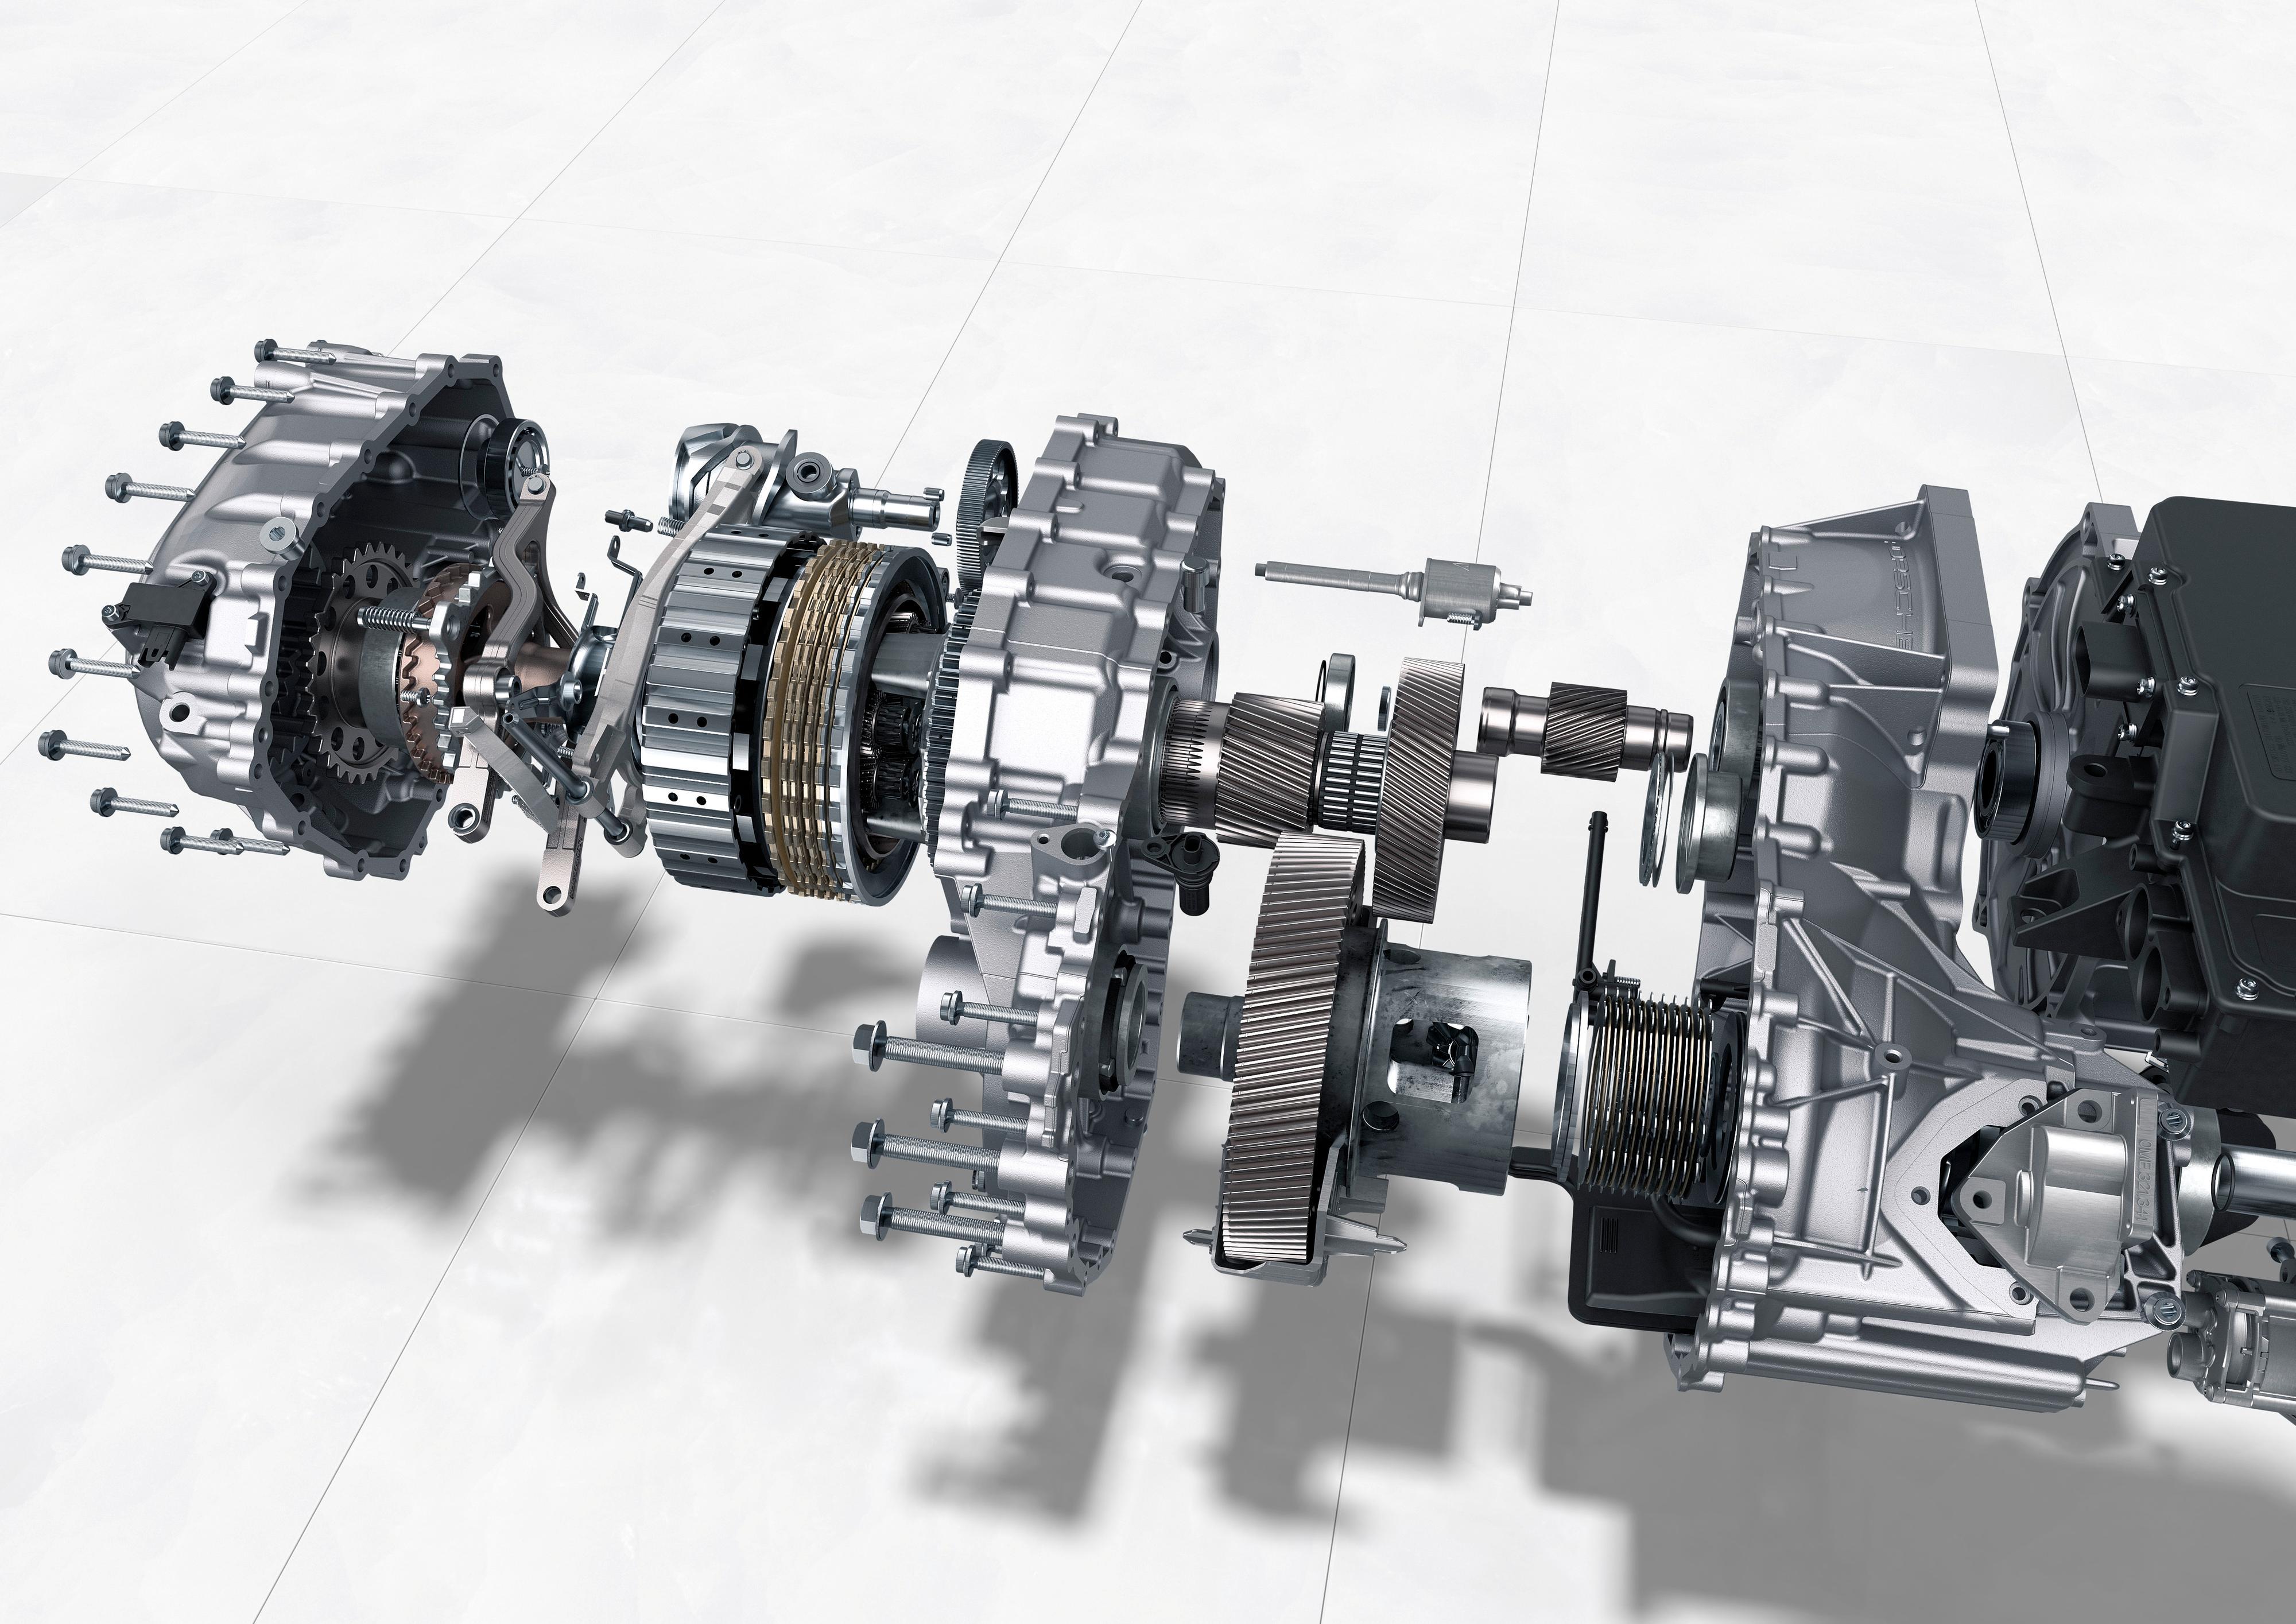 Porsche Taycan får to gir i motoren bak. Førstegiret brukes til rask akselerasjon, andregiret til mer effektiv kjøring i høy fart. Illustrasjon: Porsche